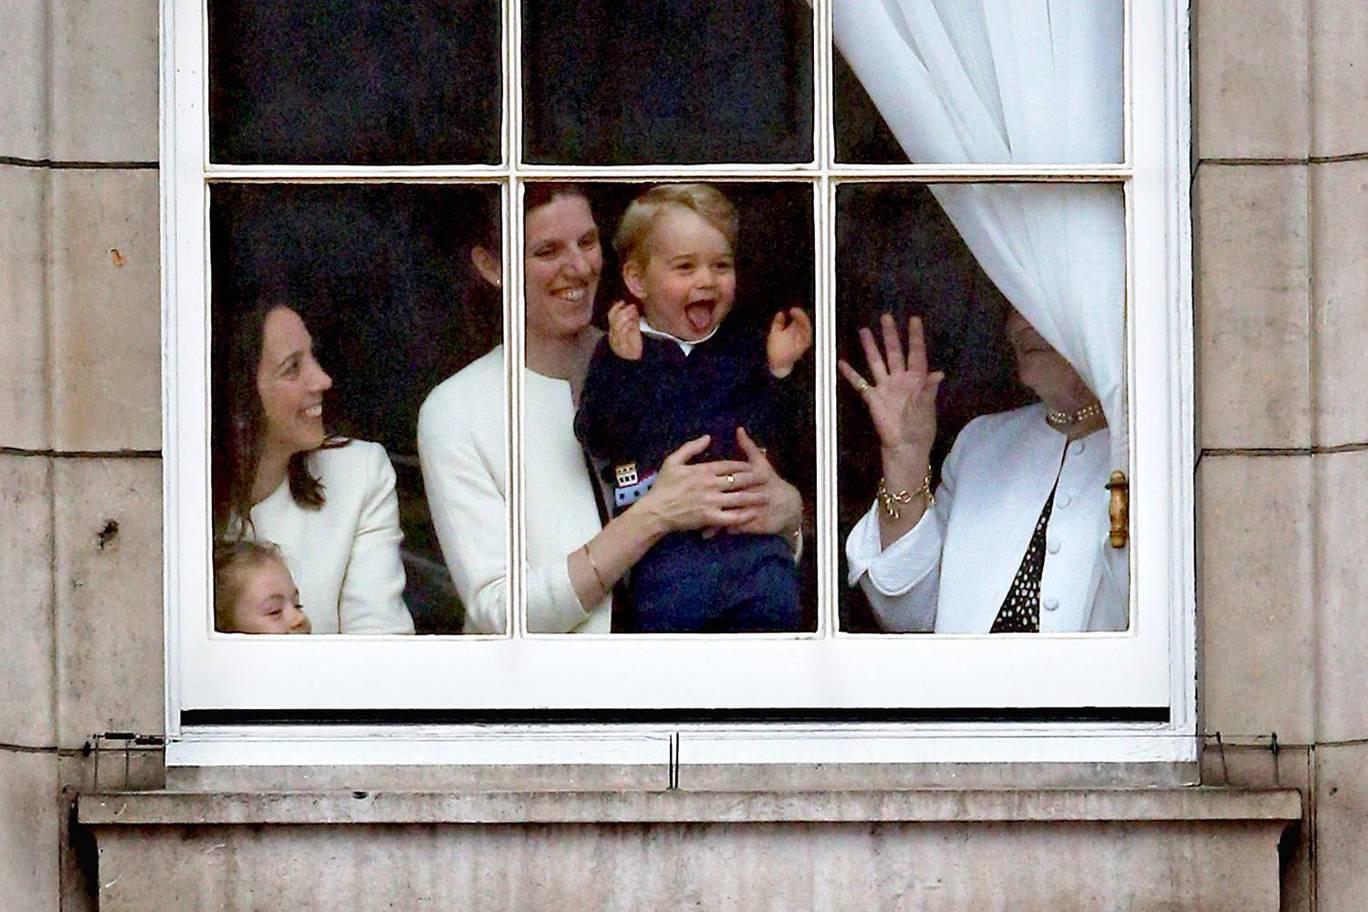 Hơn 40 bức ảnh ghi lại những khoảnh khắc cực đáng yêu cho thấy hành trình lớn lên của Hoàng tử George trong 5 năm đầu đời - Ảnh 12.